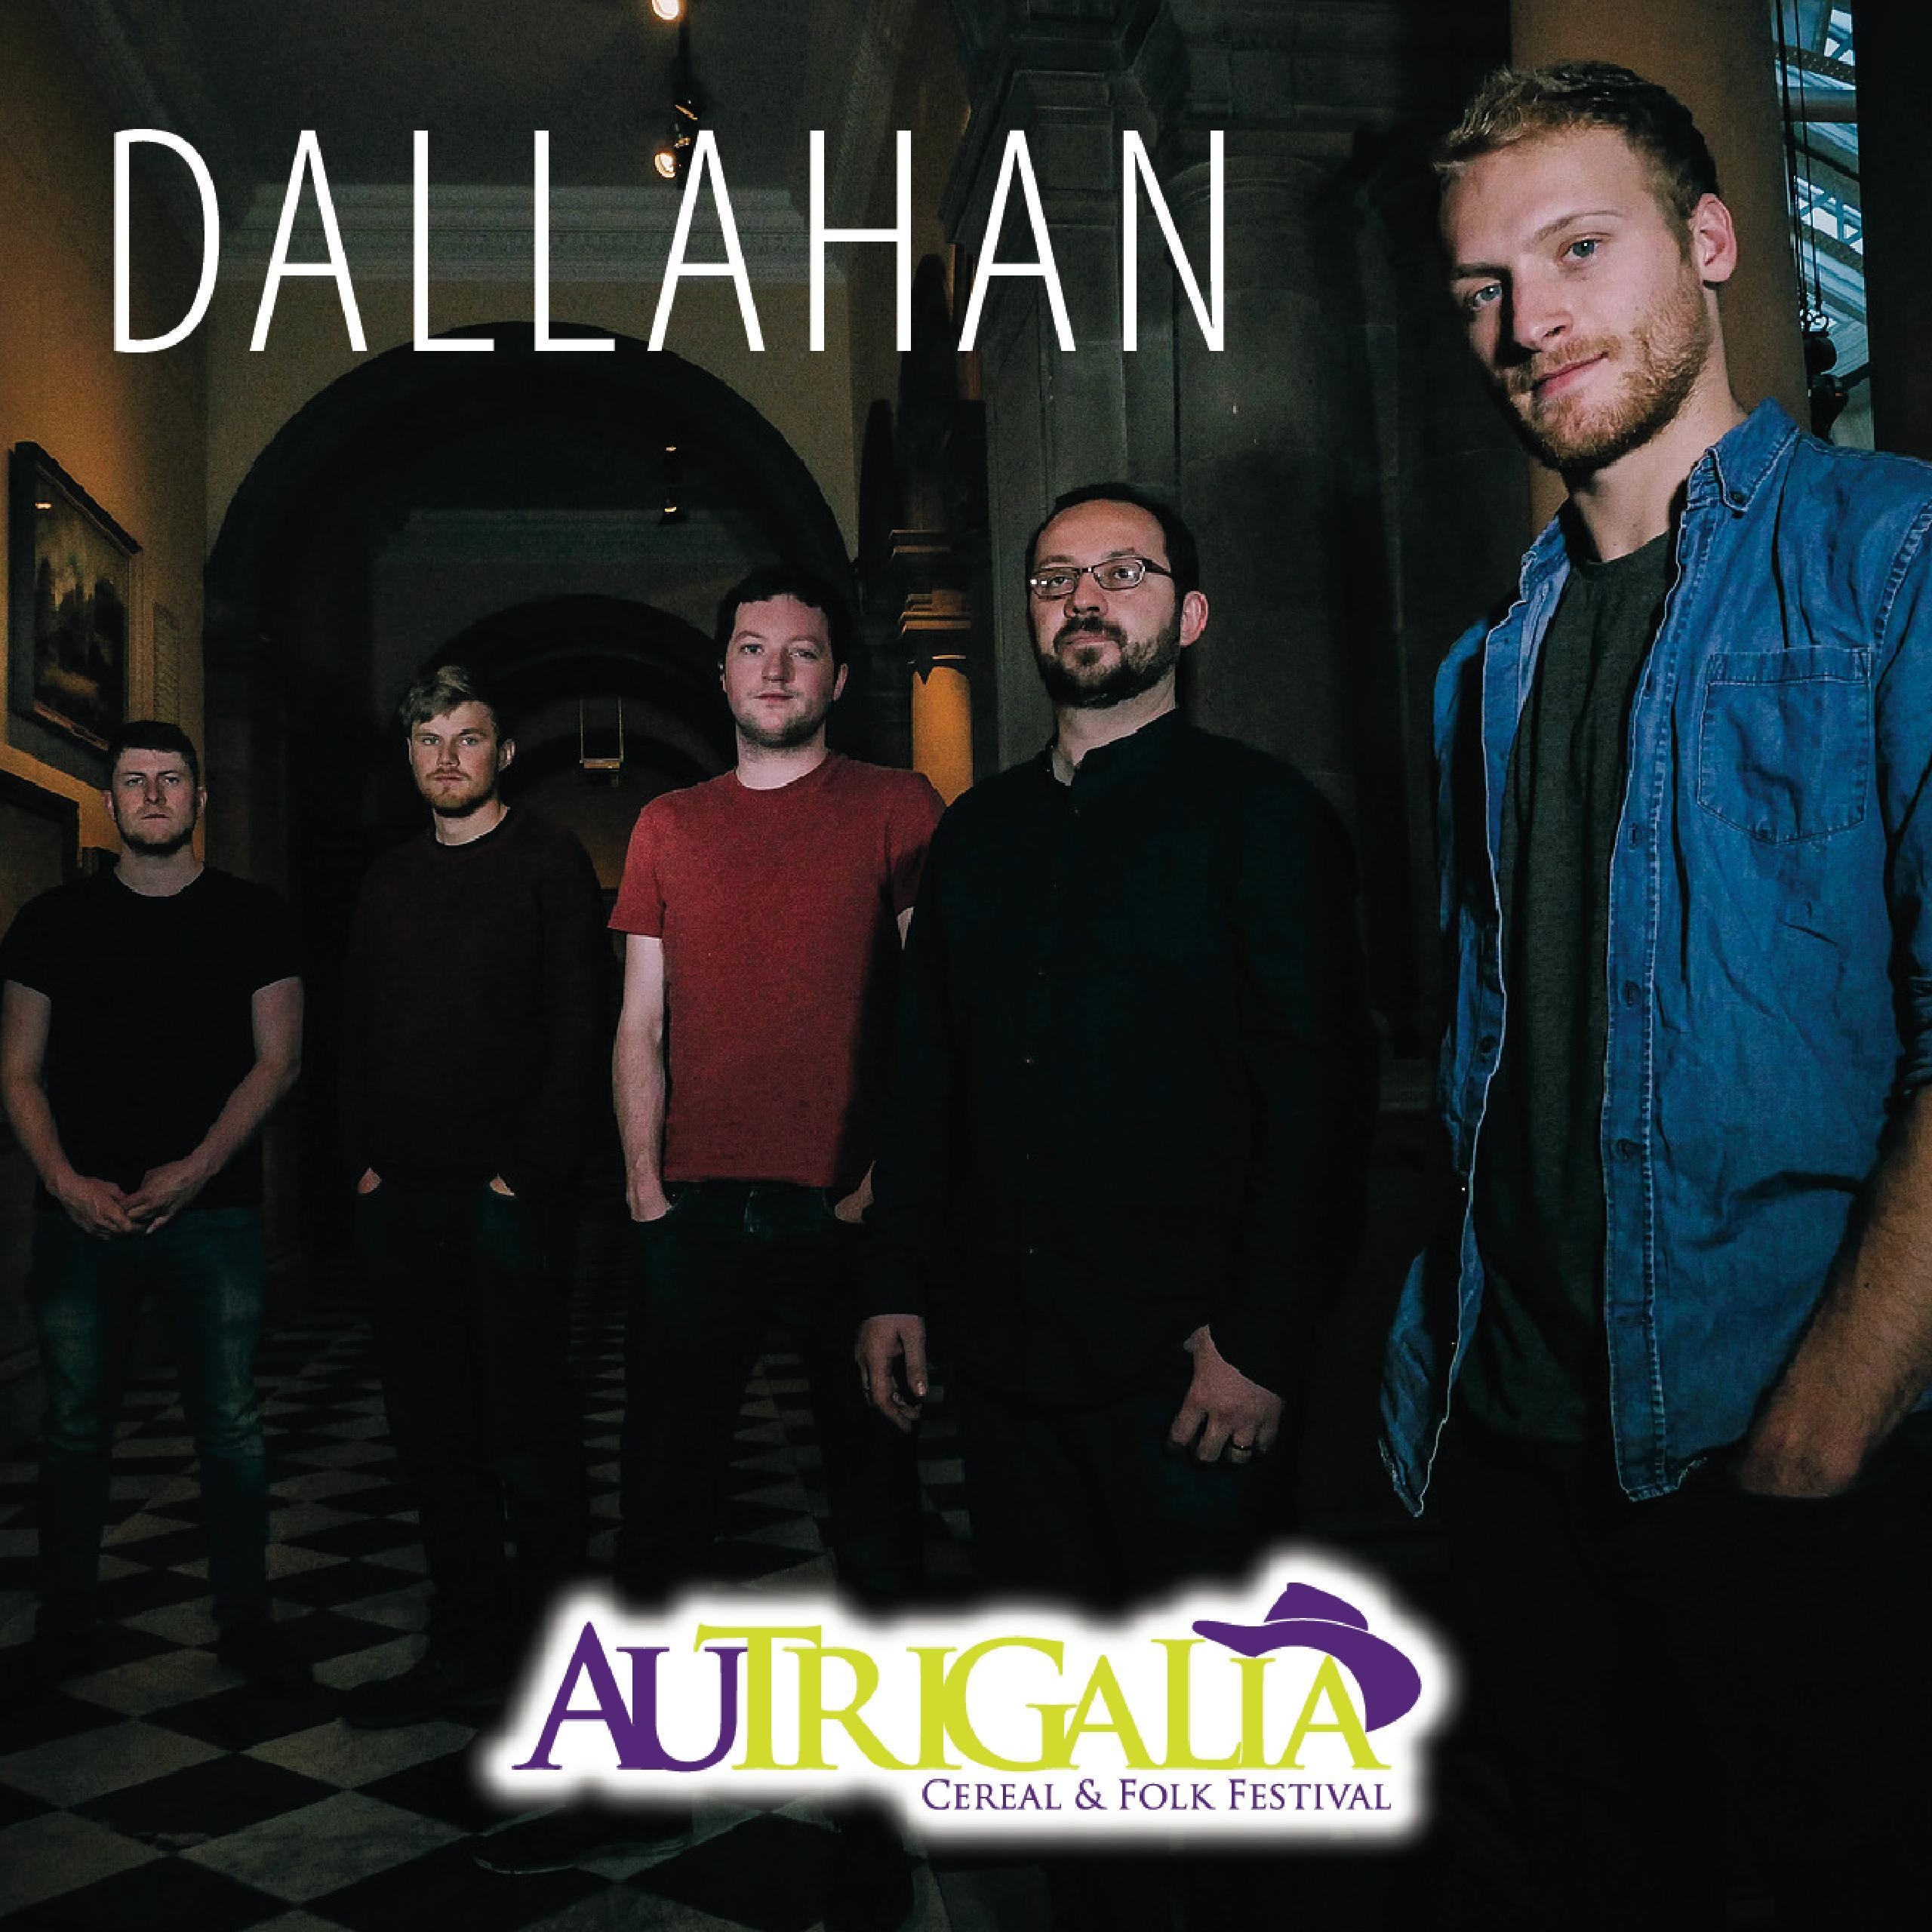 Dallahan